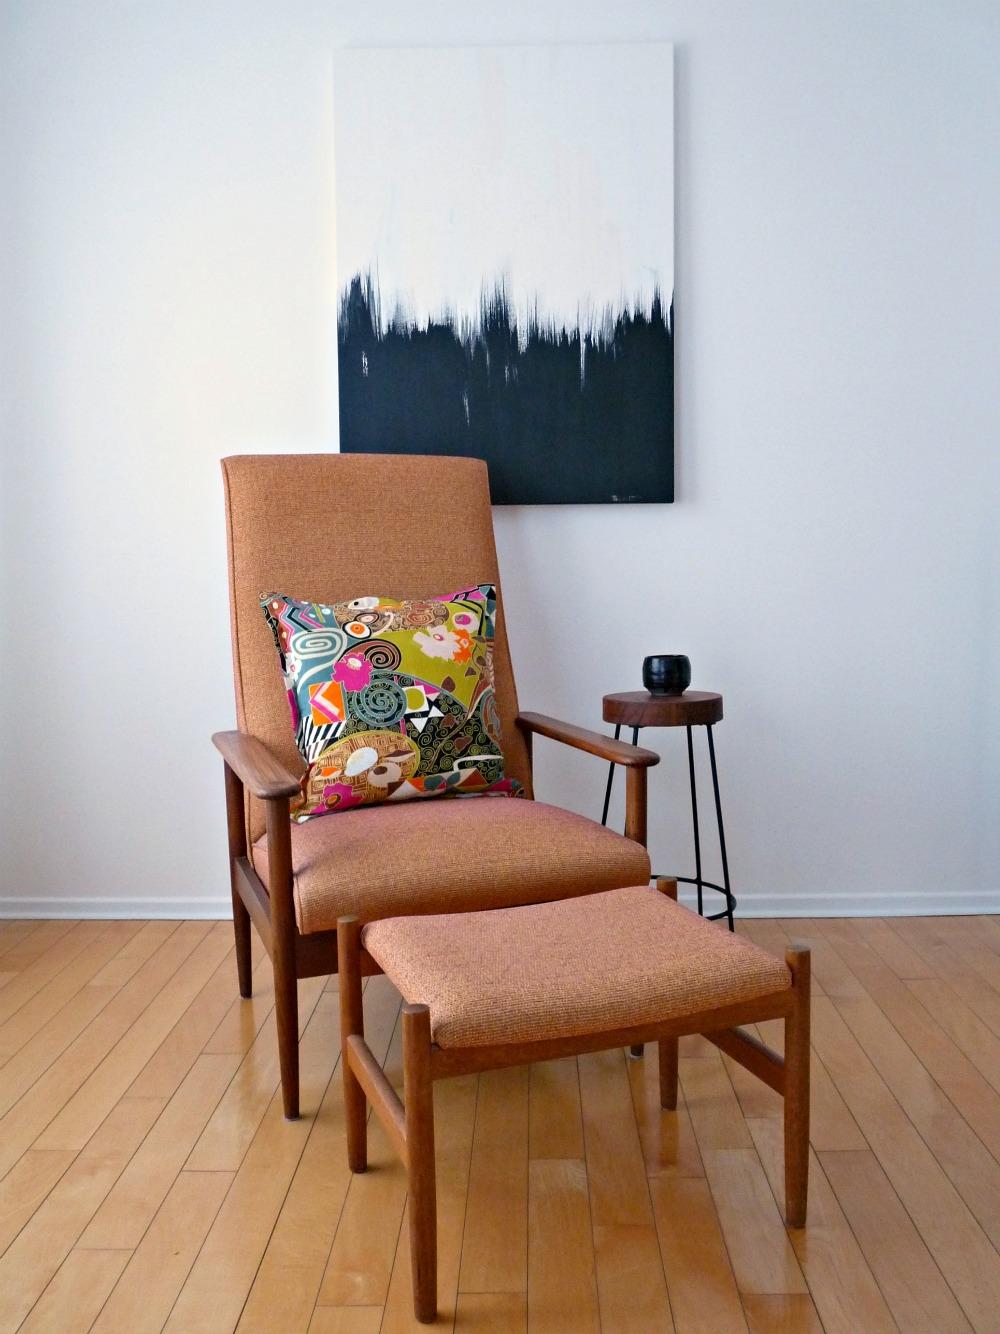 Монохромная картина в абстрактном стиле